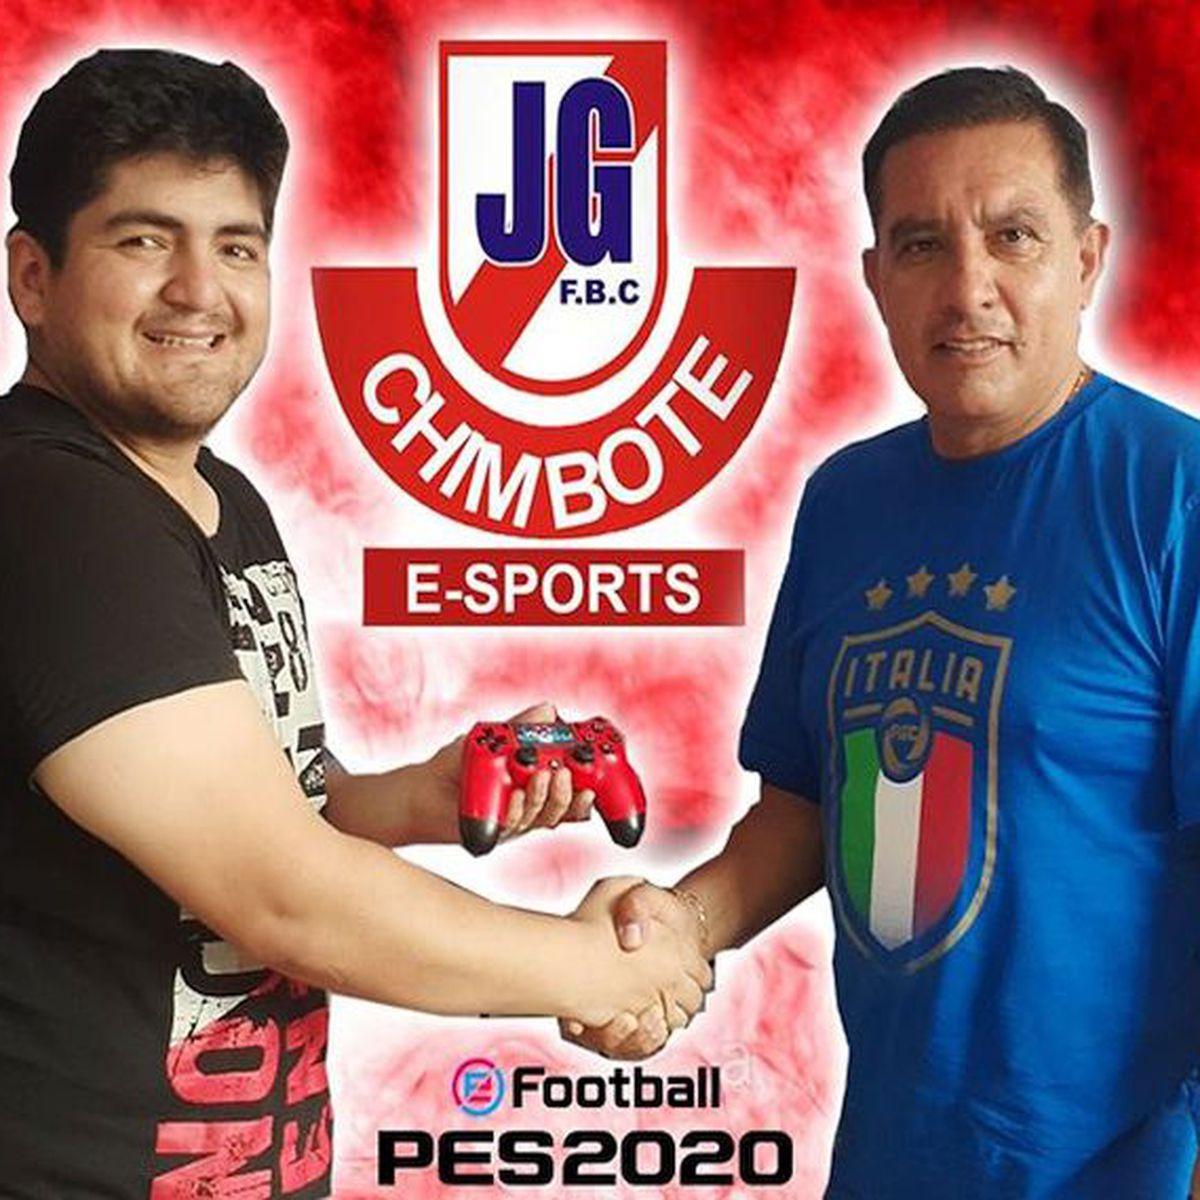 José Gálvez sigue los pasos de Alianza Lima y la U: confirmó su equipo de eSports para Pro Evolution Soccer 2020